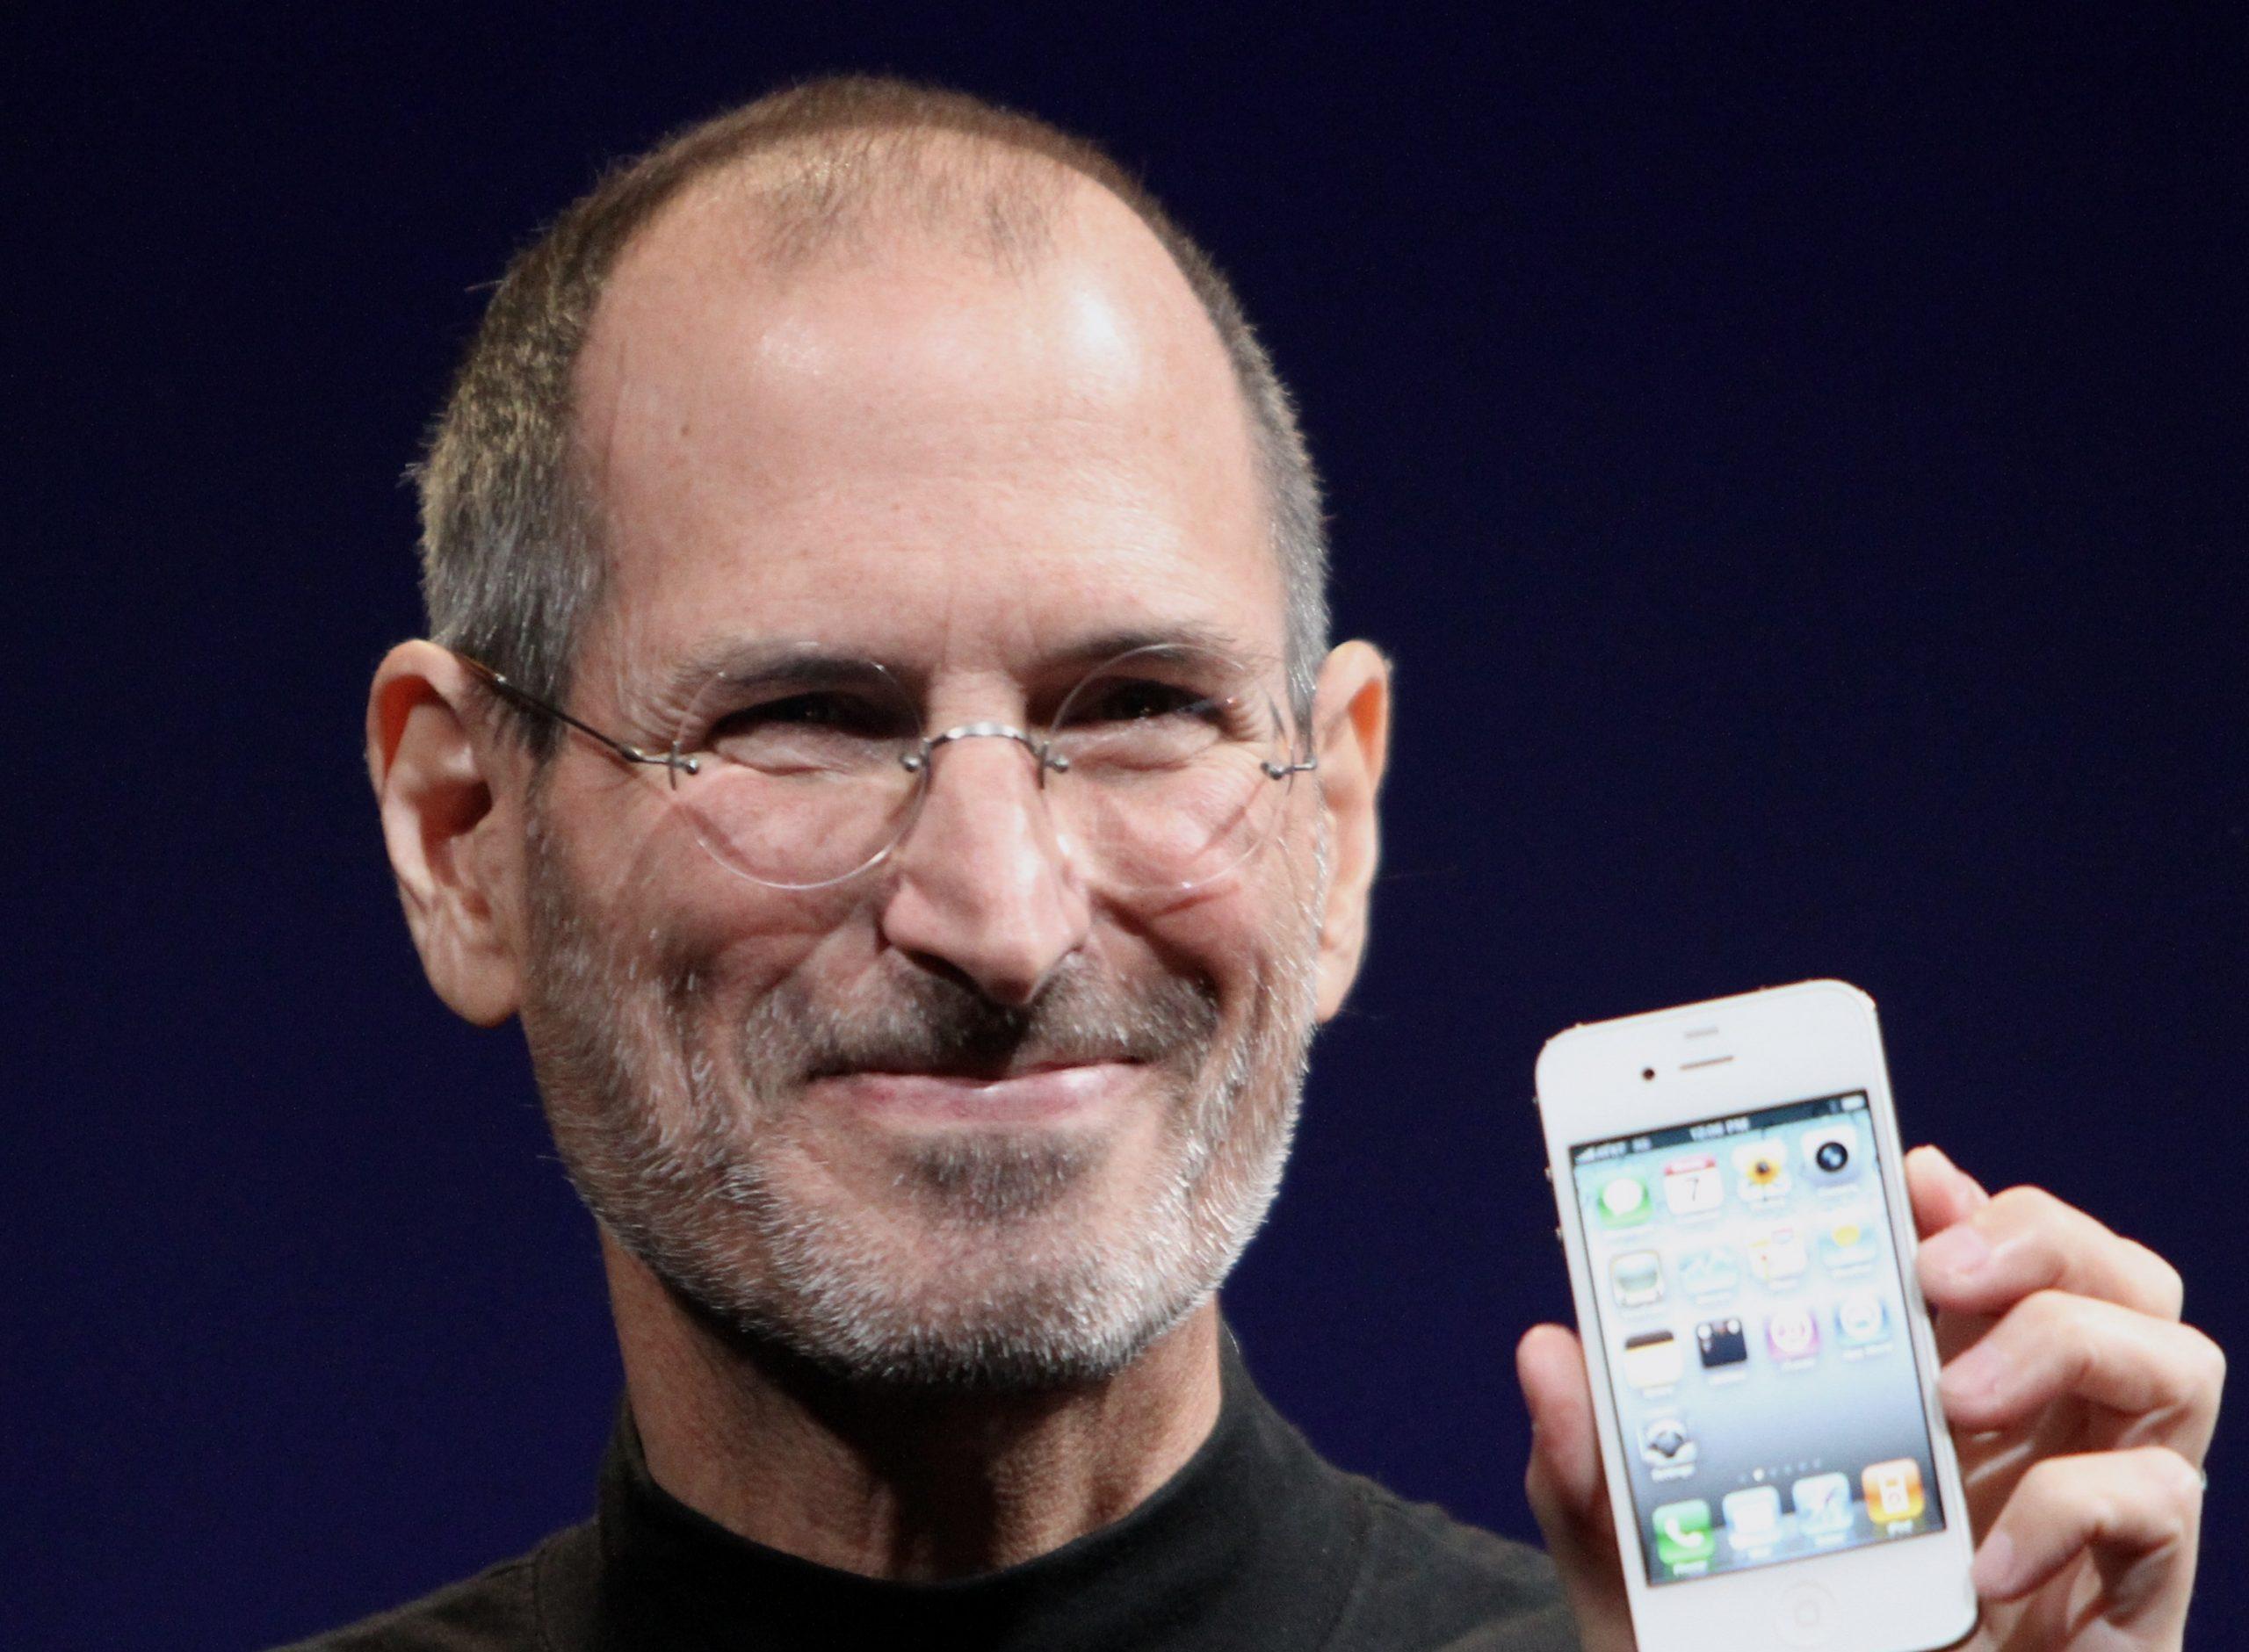 Steve Jobsnak sem volt diplomája – te miért akarsz annyira?